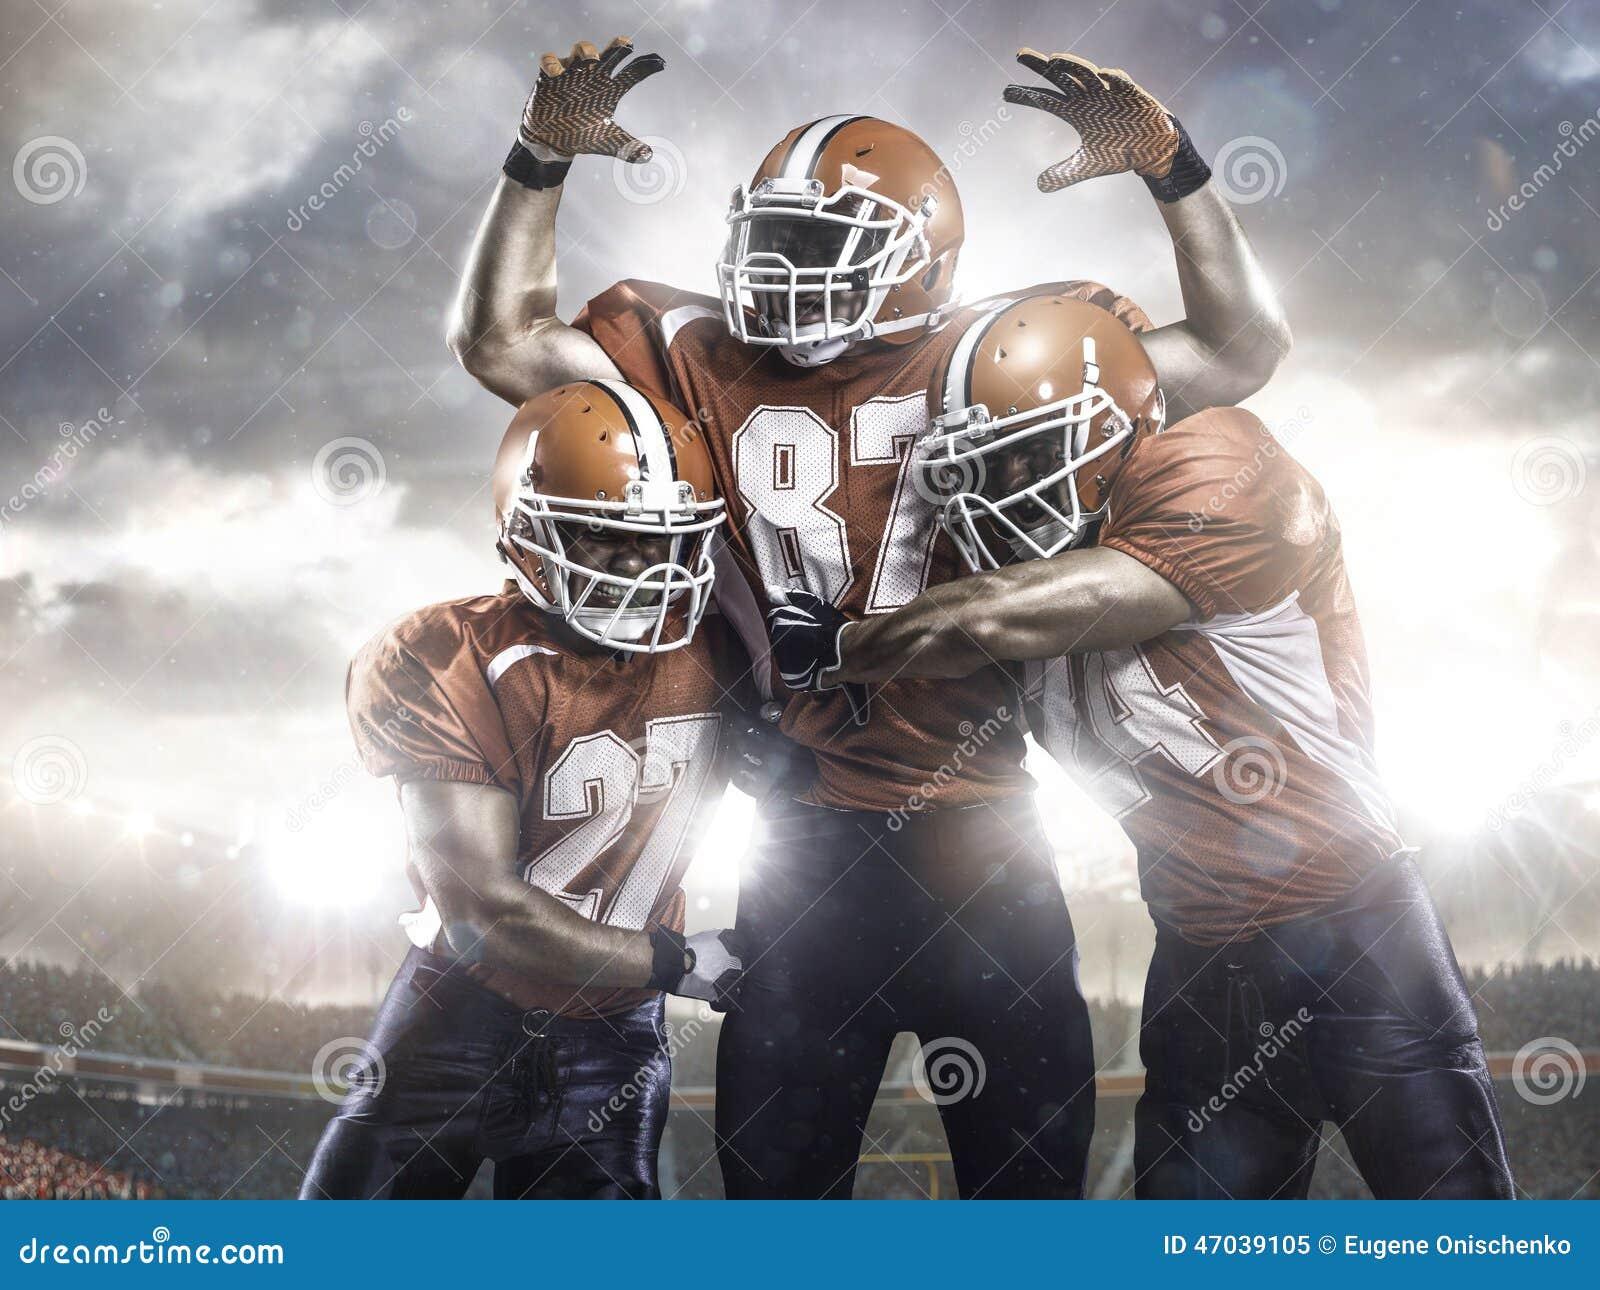 joueurs de football am u00e9ricain dans l u0026 39 action sur le stade photo stock